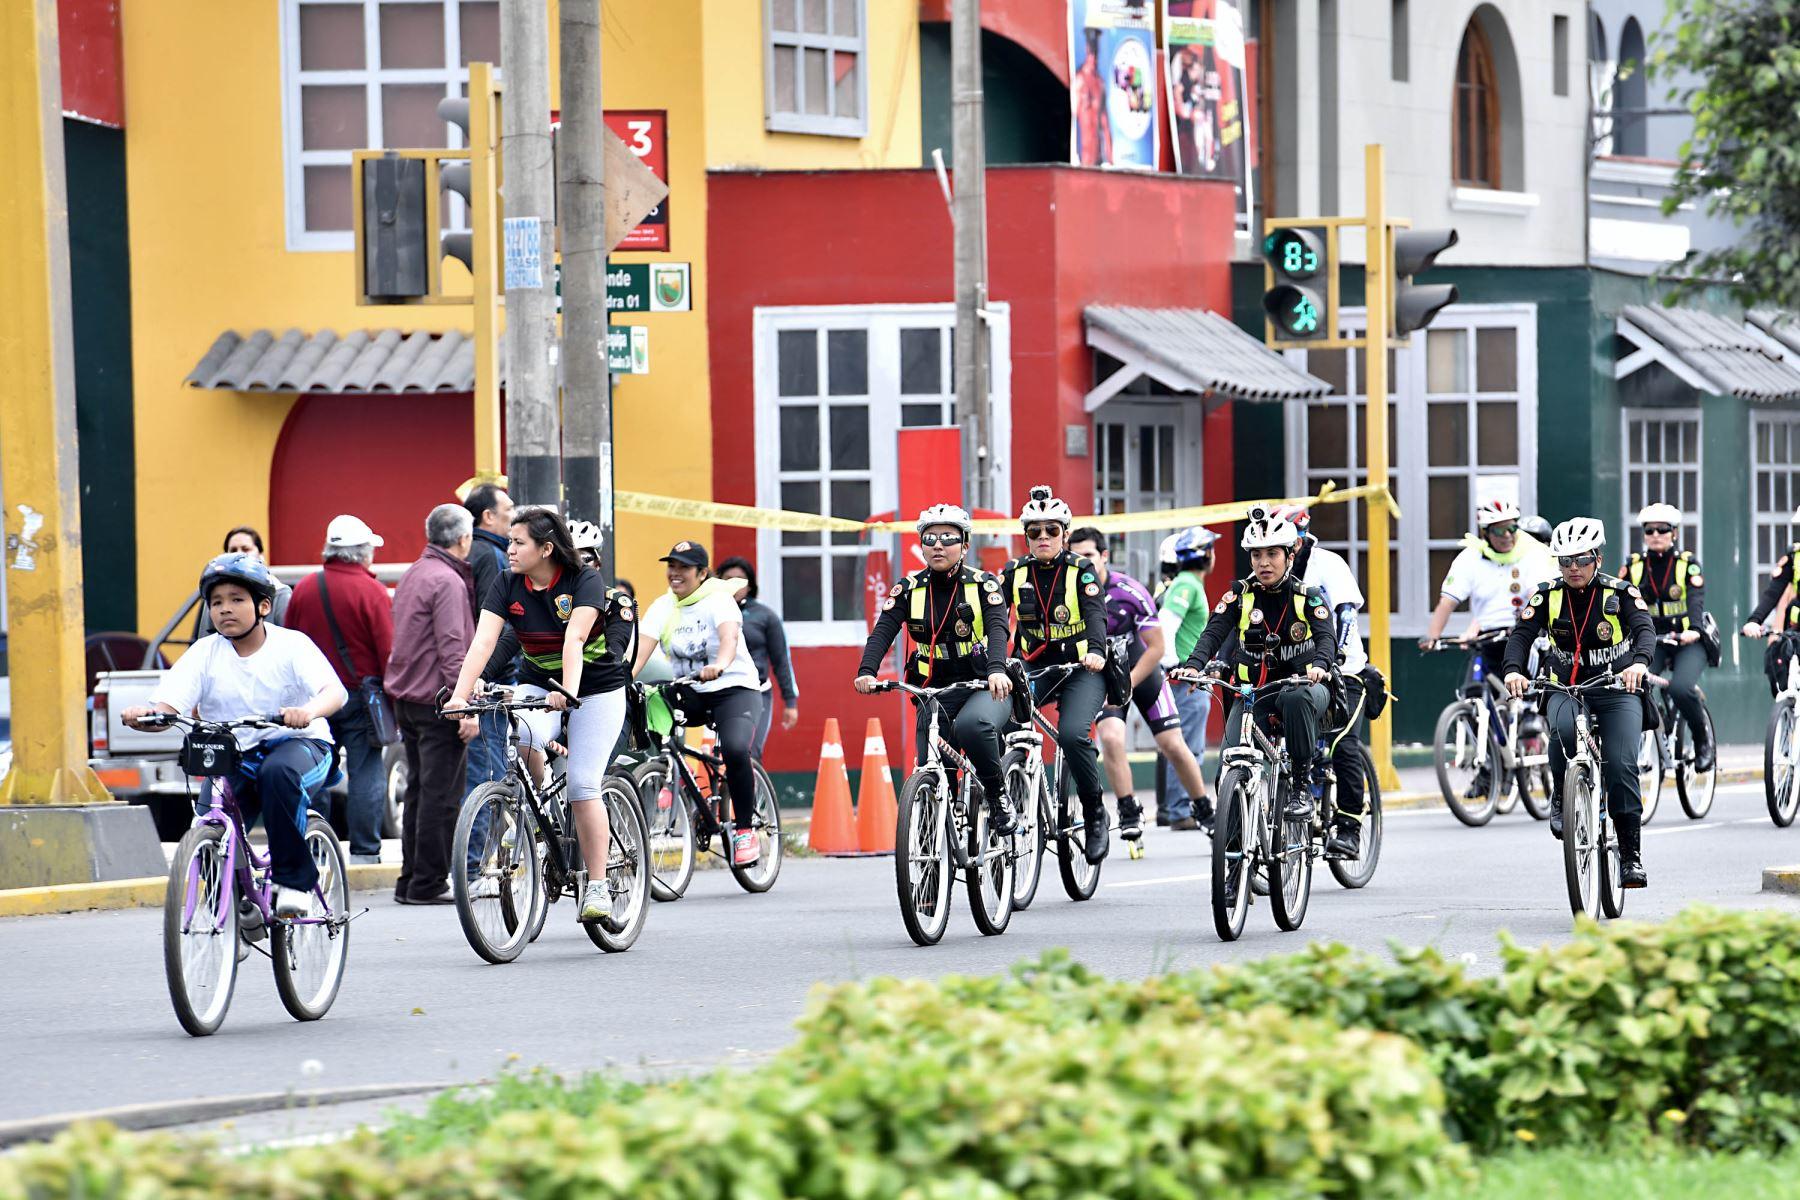 Ministerio del interior organiza bicicleteada para for Transparencia ministerio del interior